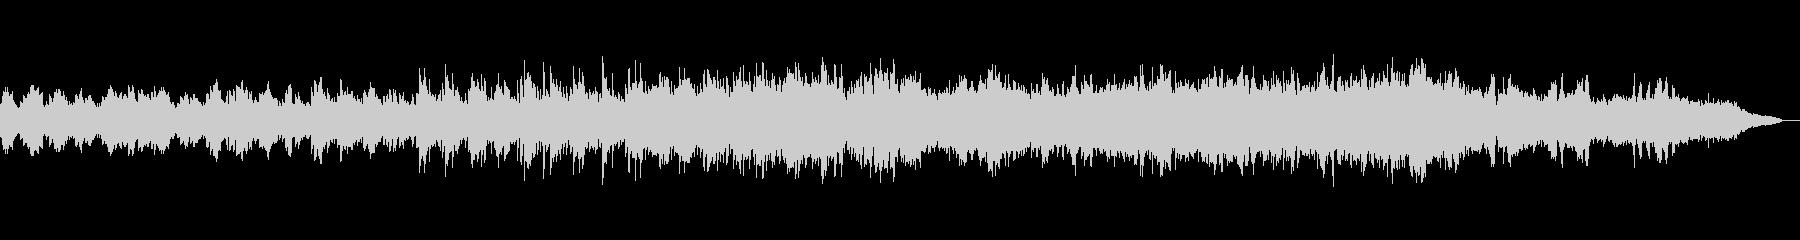 エレクトロ ピアノ 穏やか の未再生の波形